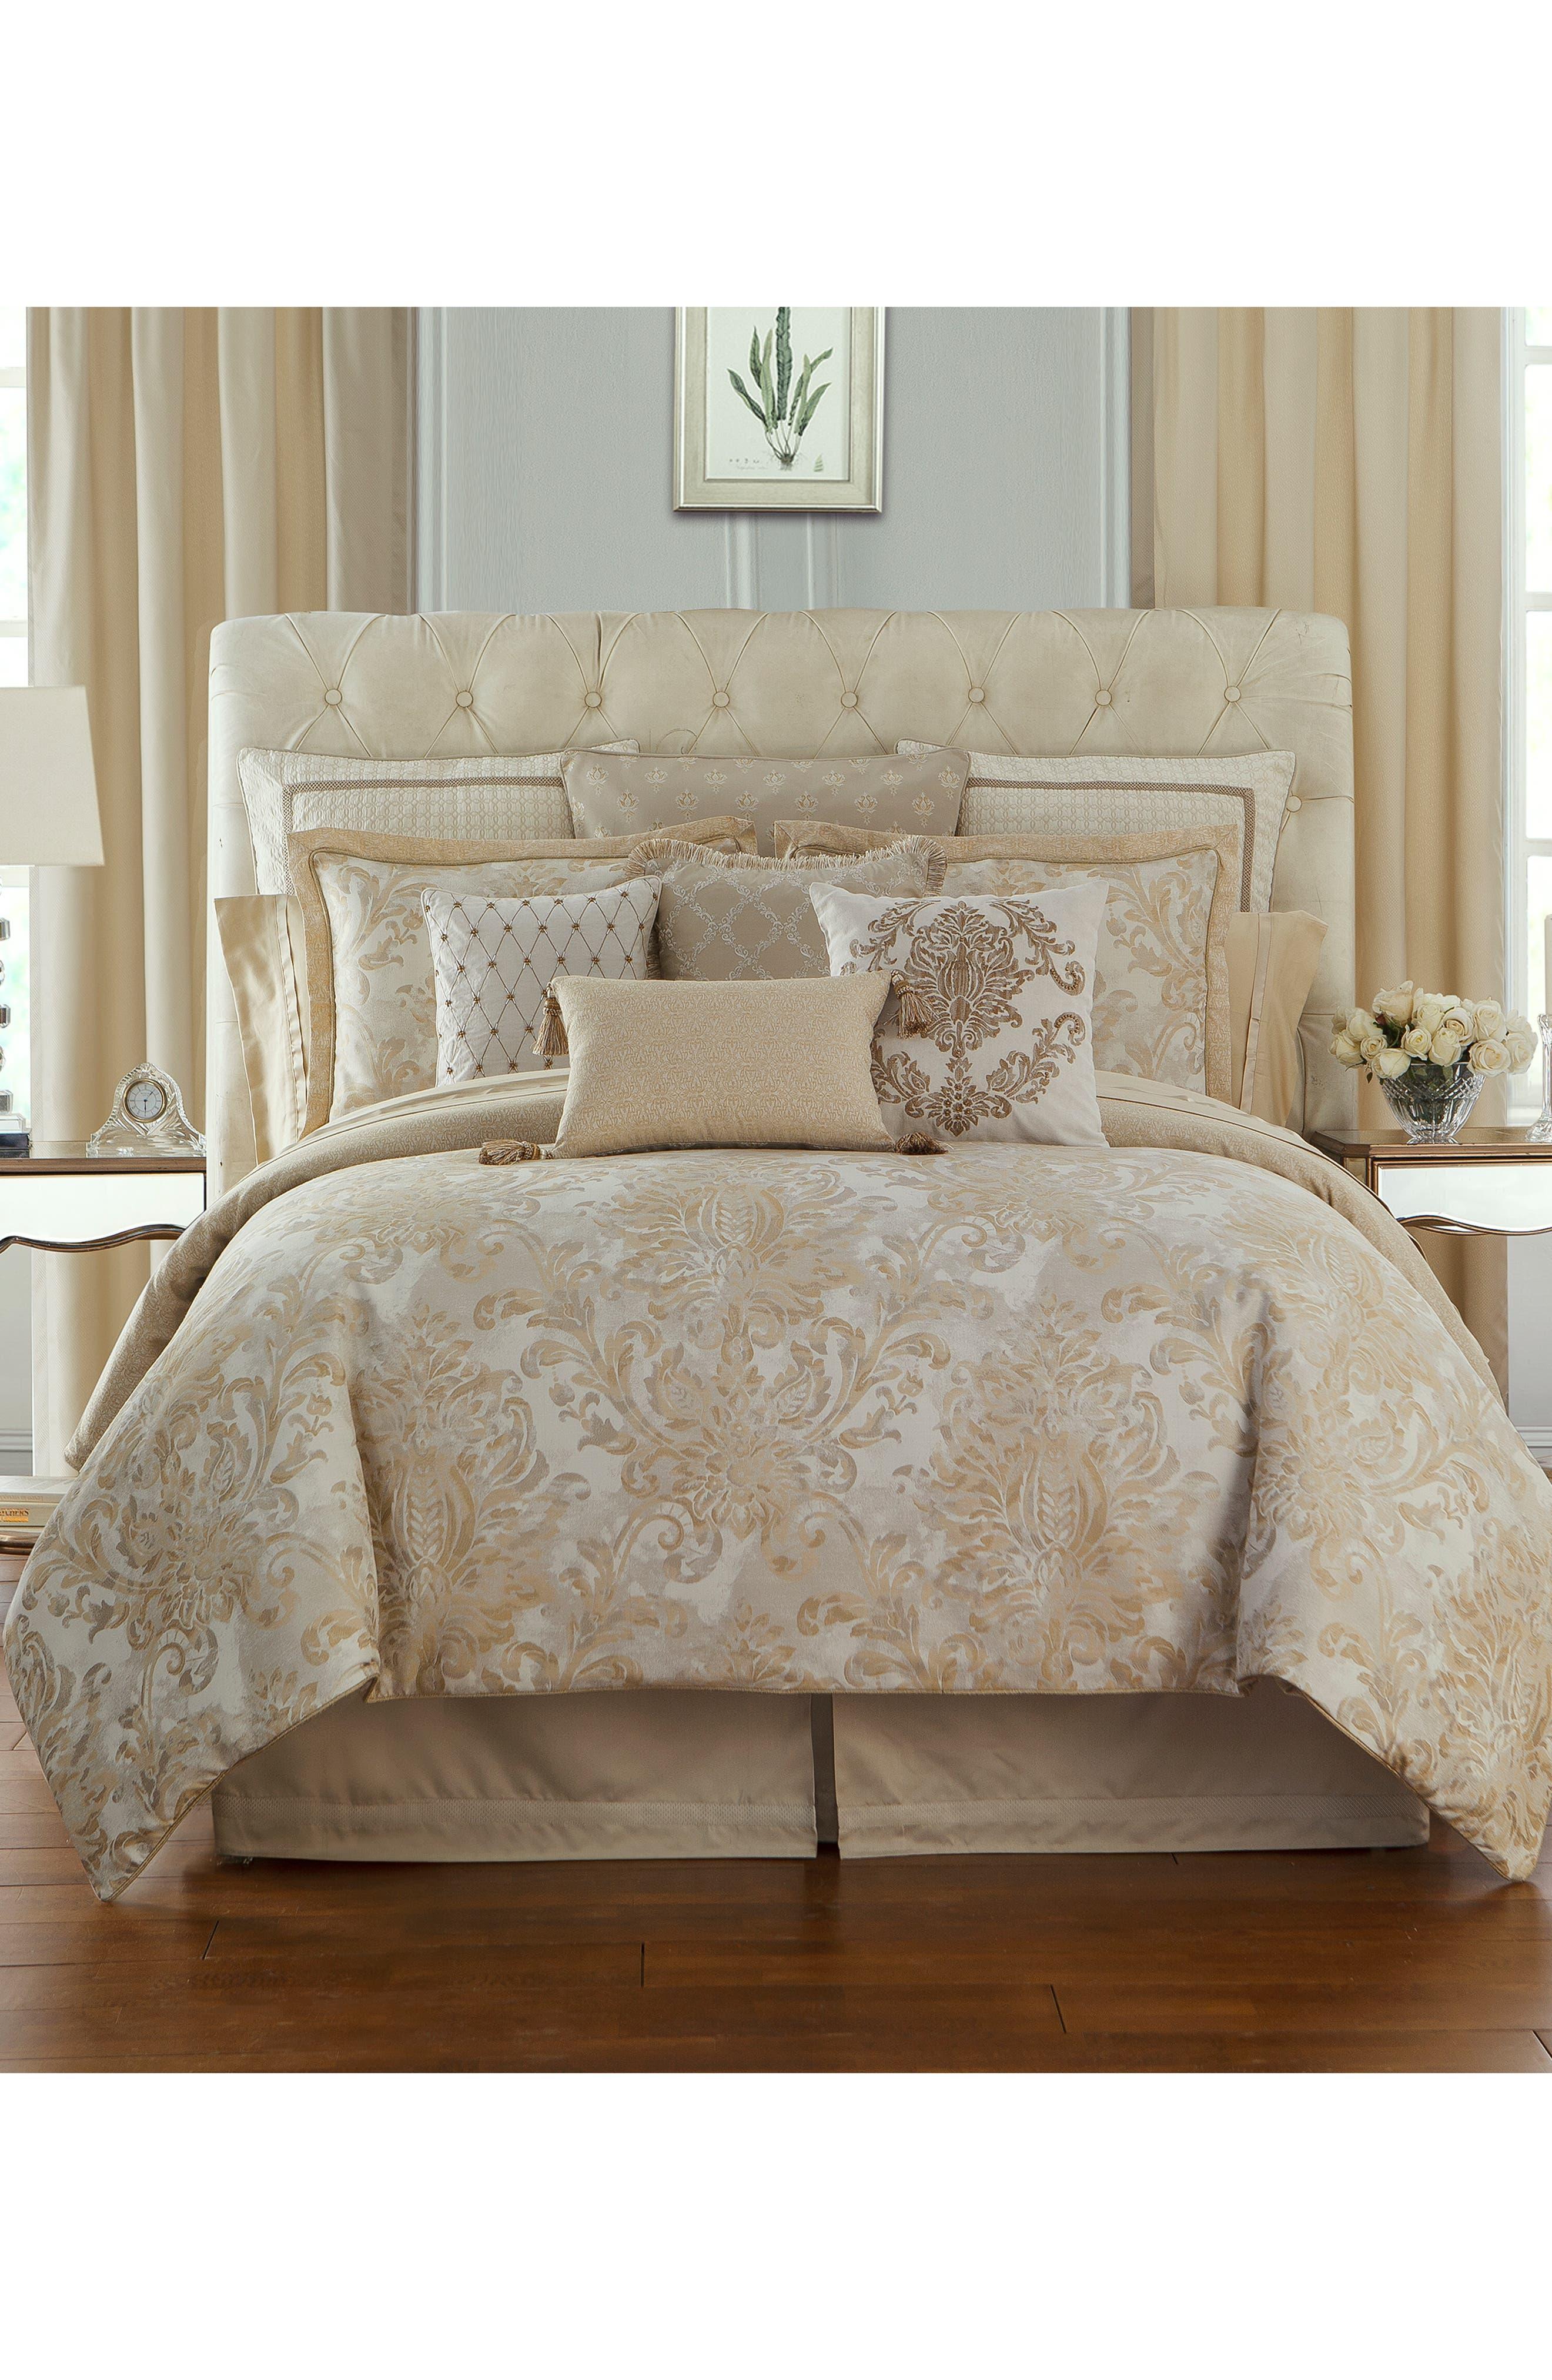 Annalise Reversible Comforter, Sham & Bed Skirt Set, Main, color, GOLD